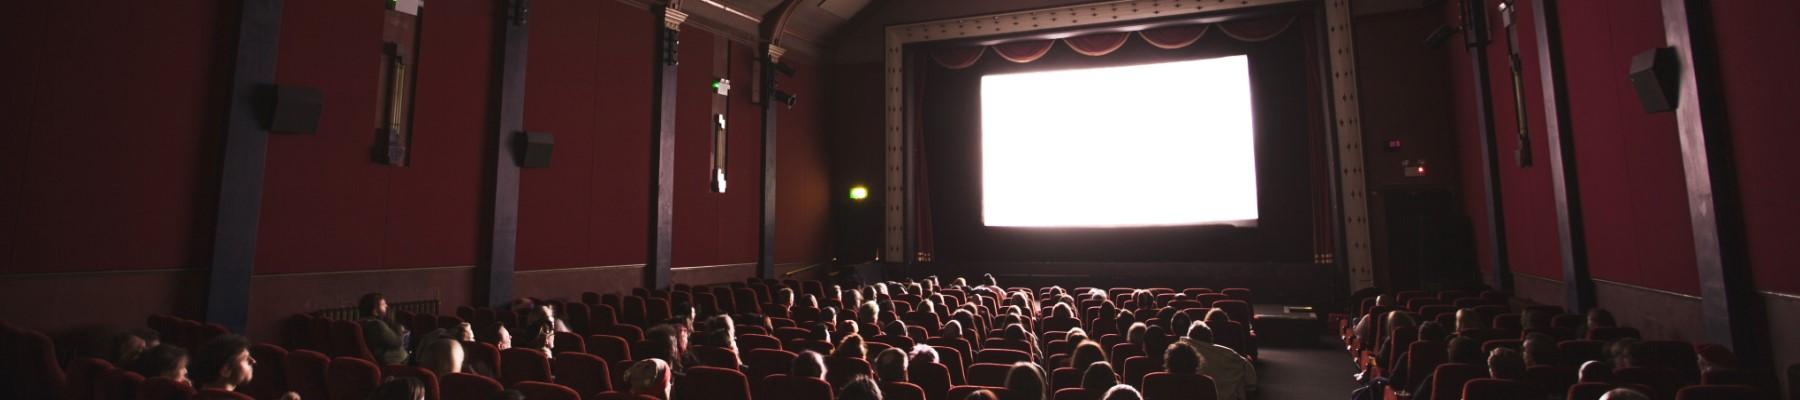 Movie Dialog Corpus | Kaggle